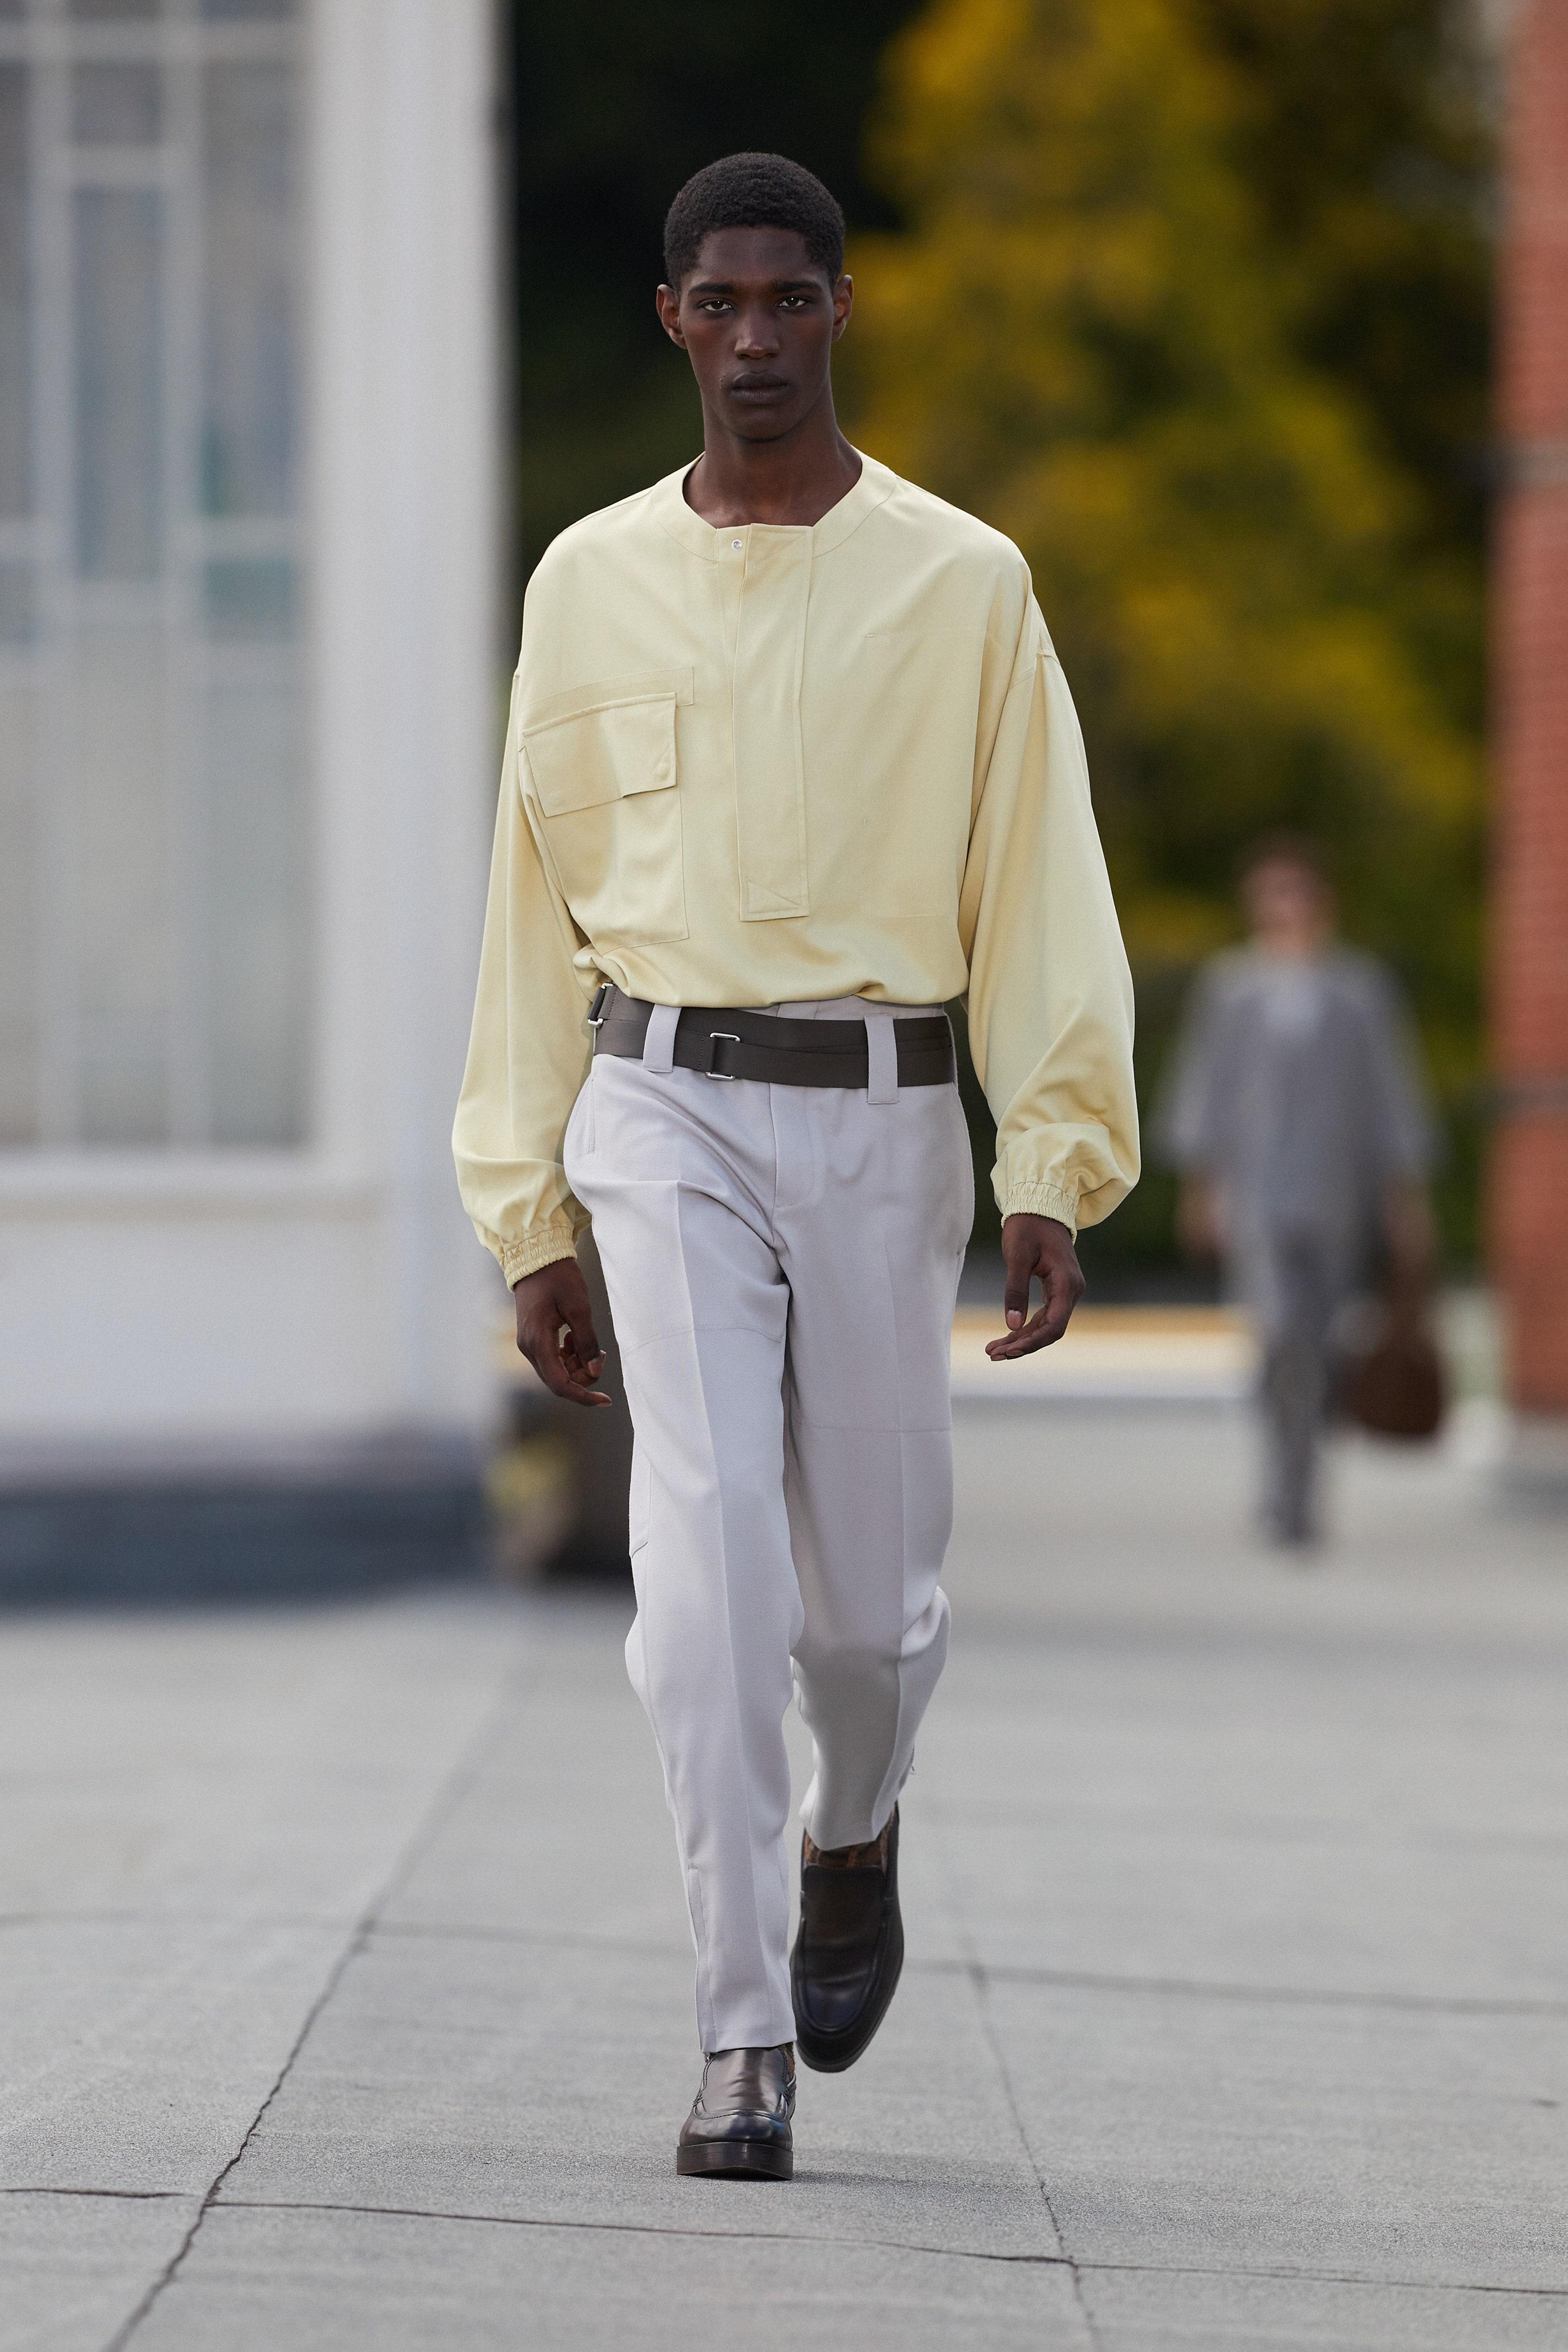 Người mẫu mặc trang phục đũi trong BST Eemenegildo Zegna Xuân-Hè 2021